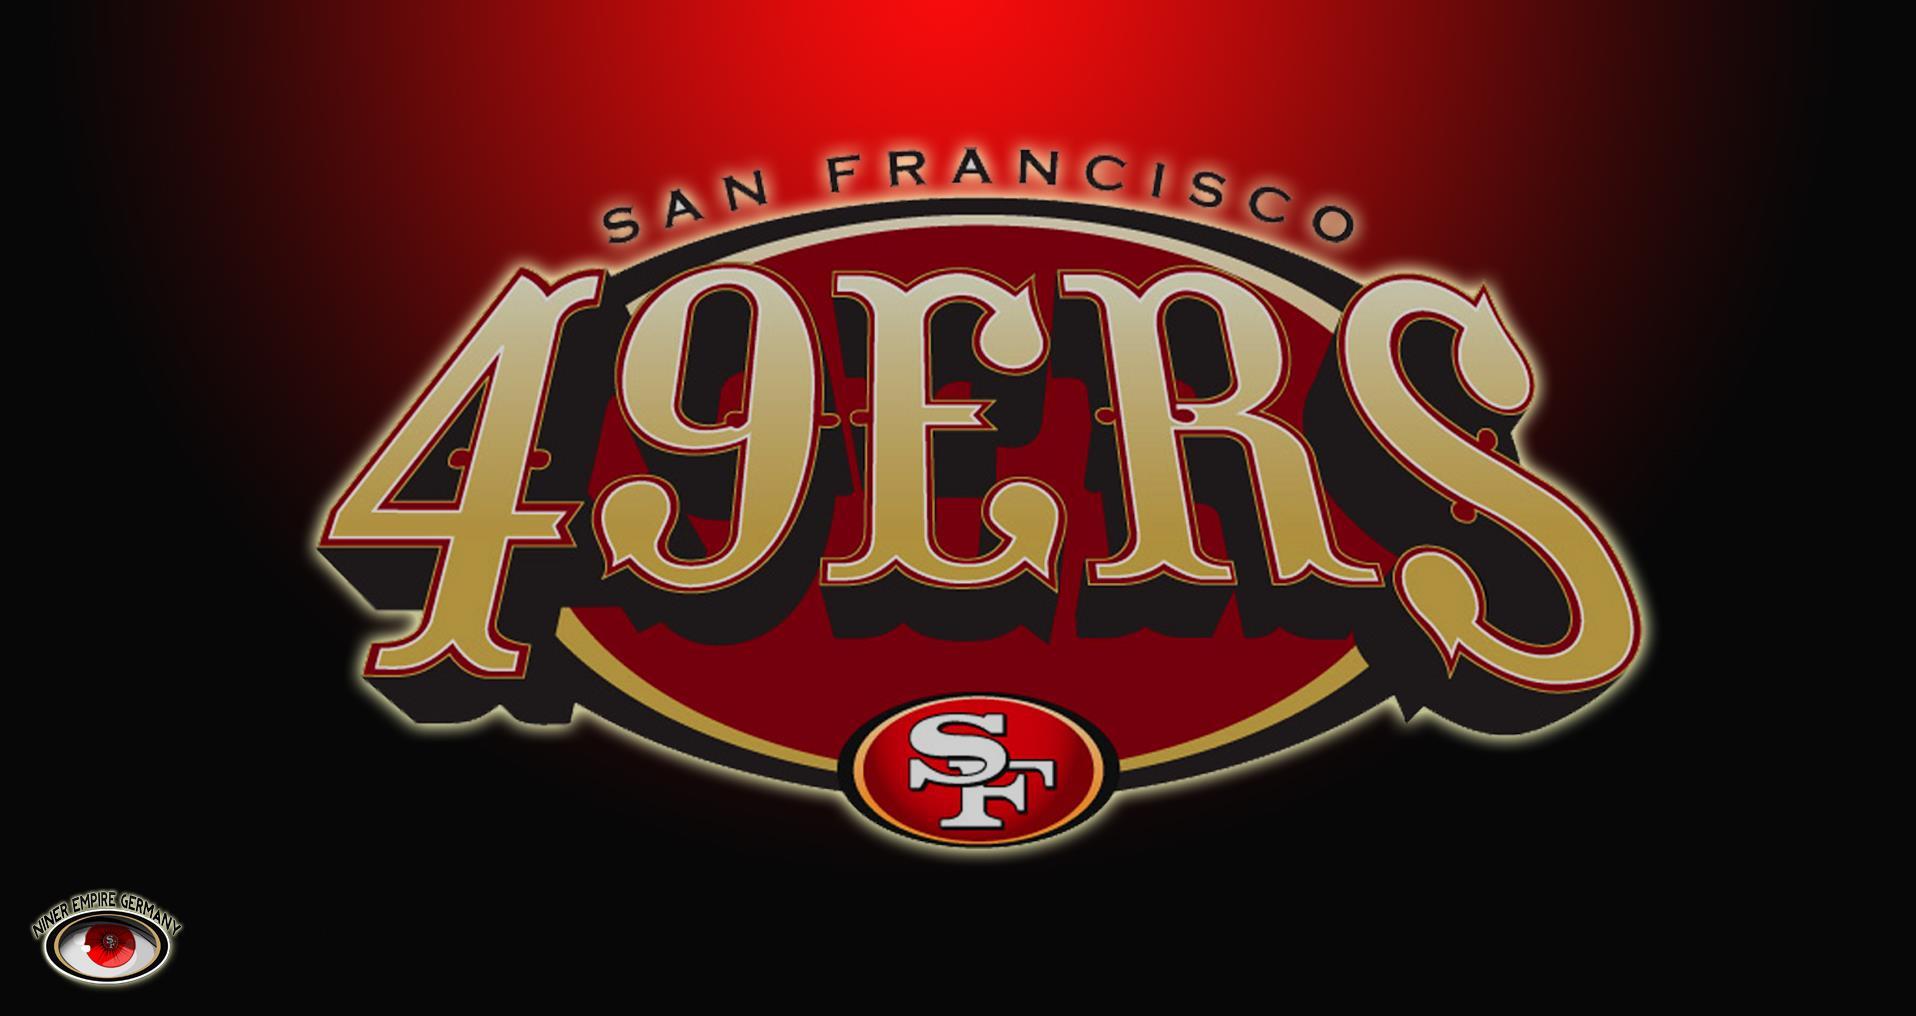 San Francisco 49ers Wallpaper 2014 Sky HD Wallpaper 1916x1016